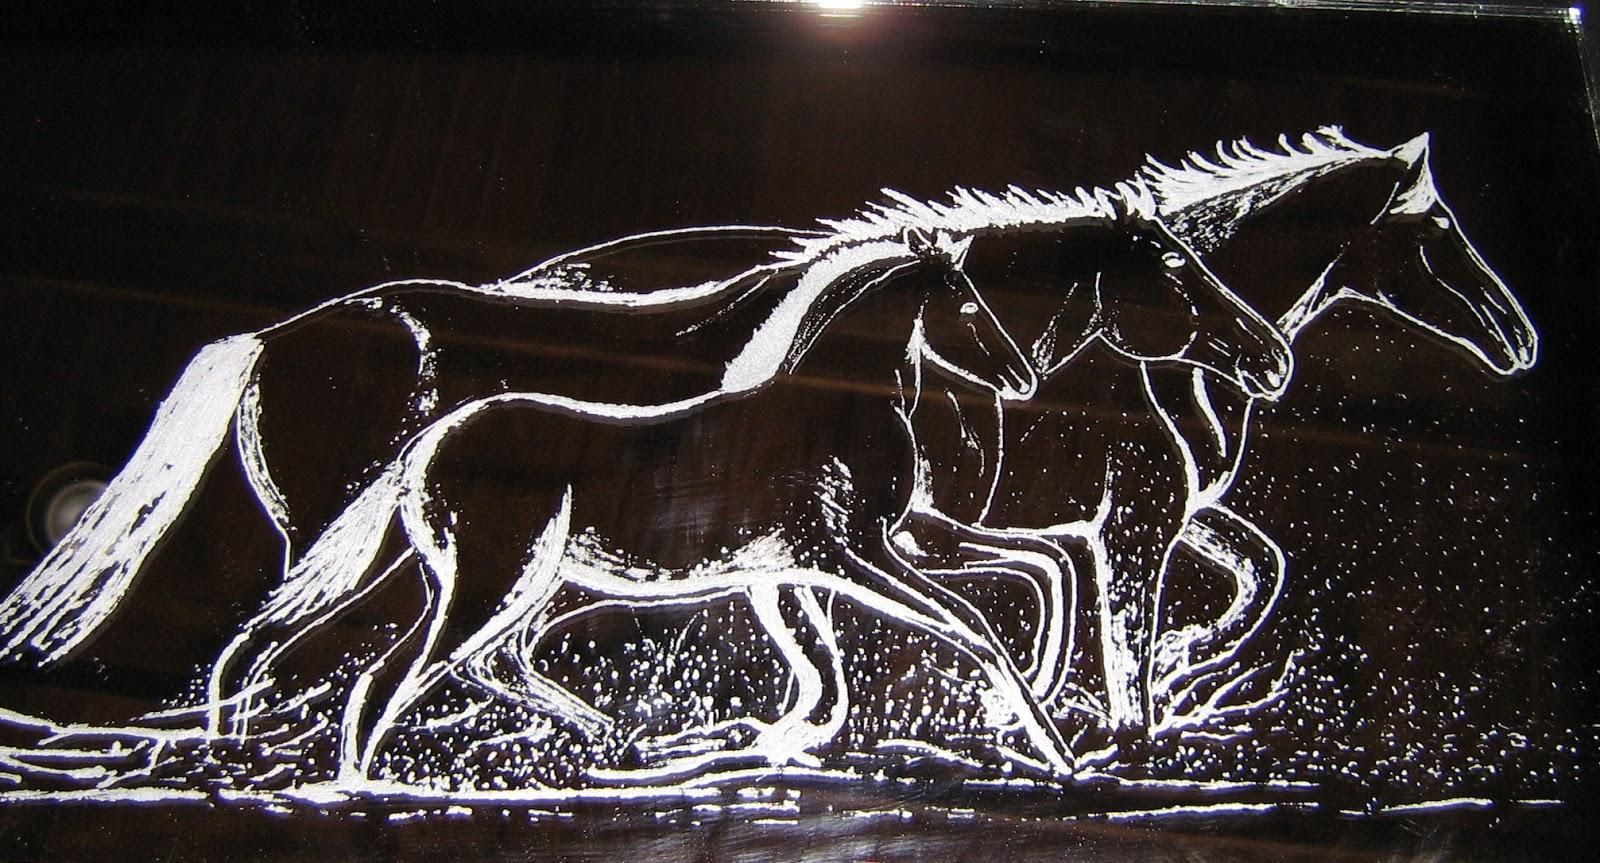 Fabulous Montfrialoux gravure, expo de gravure sur verre: Chevaux CW53